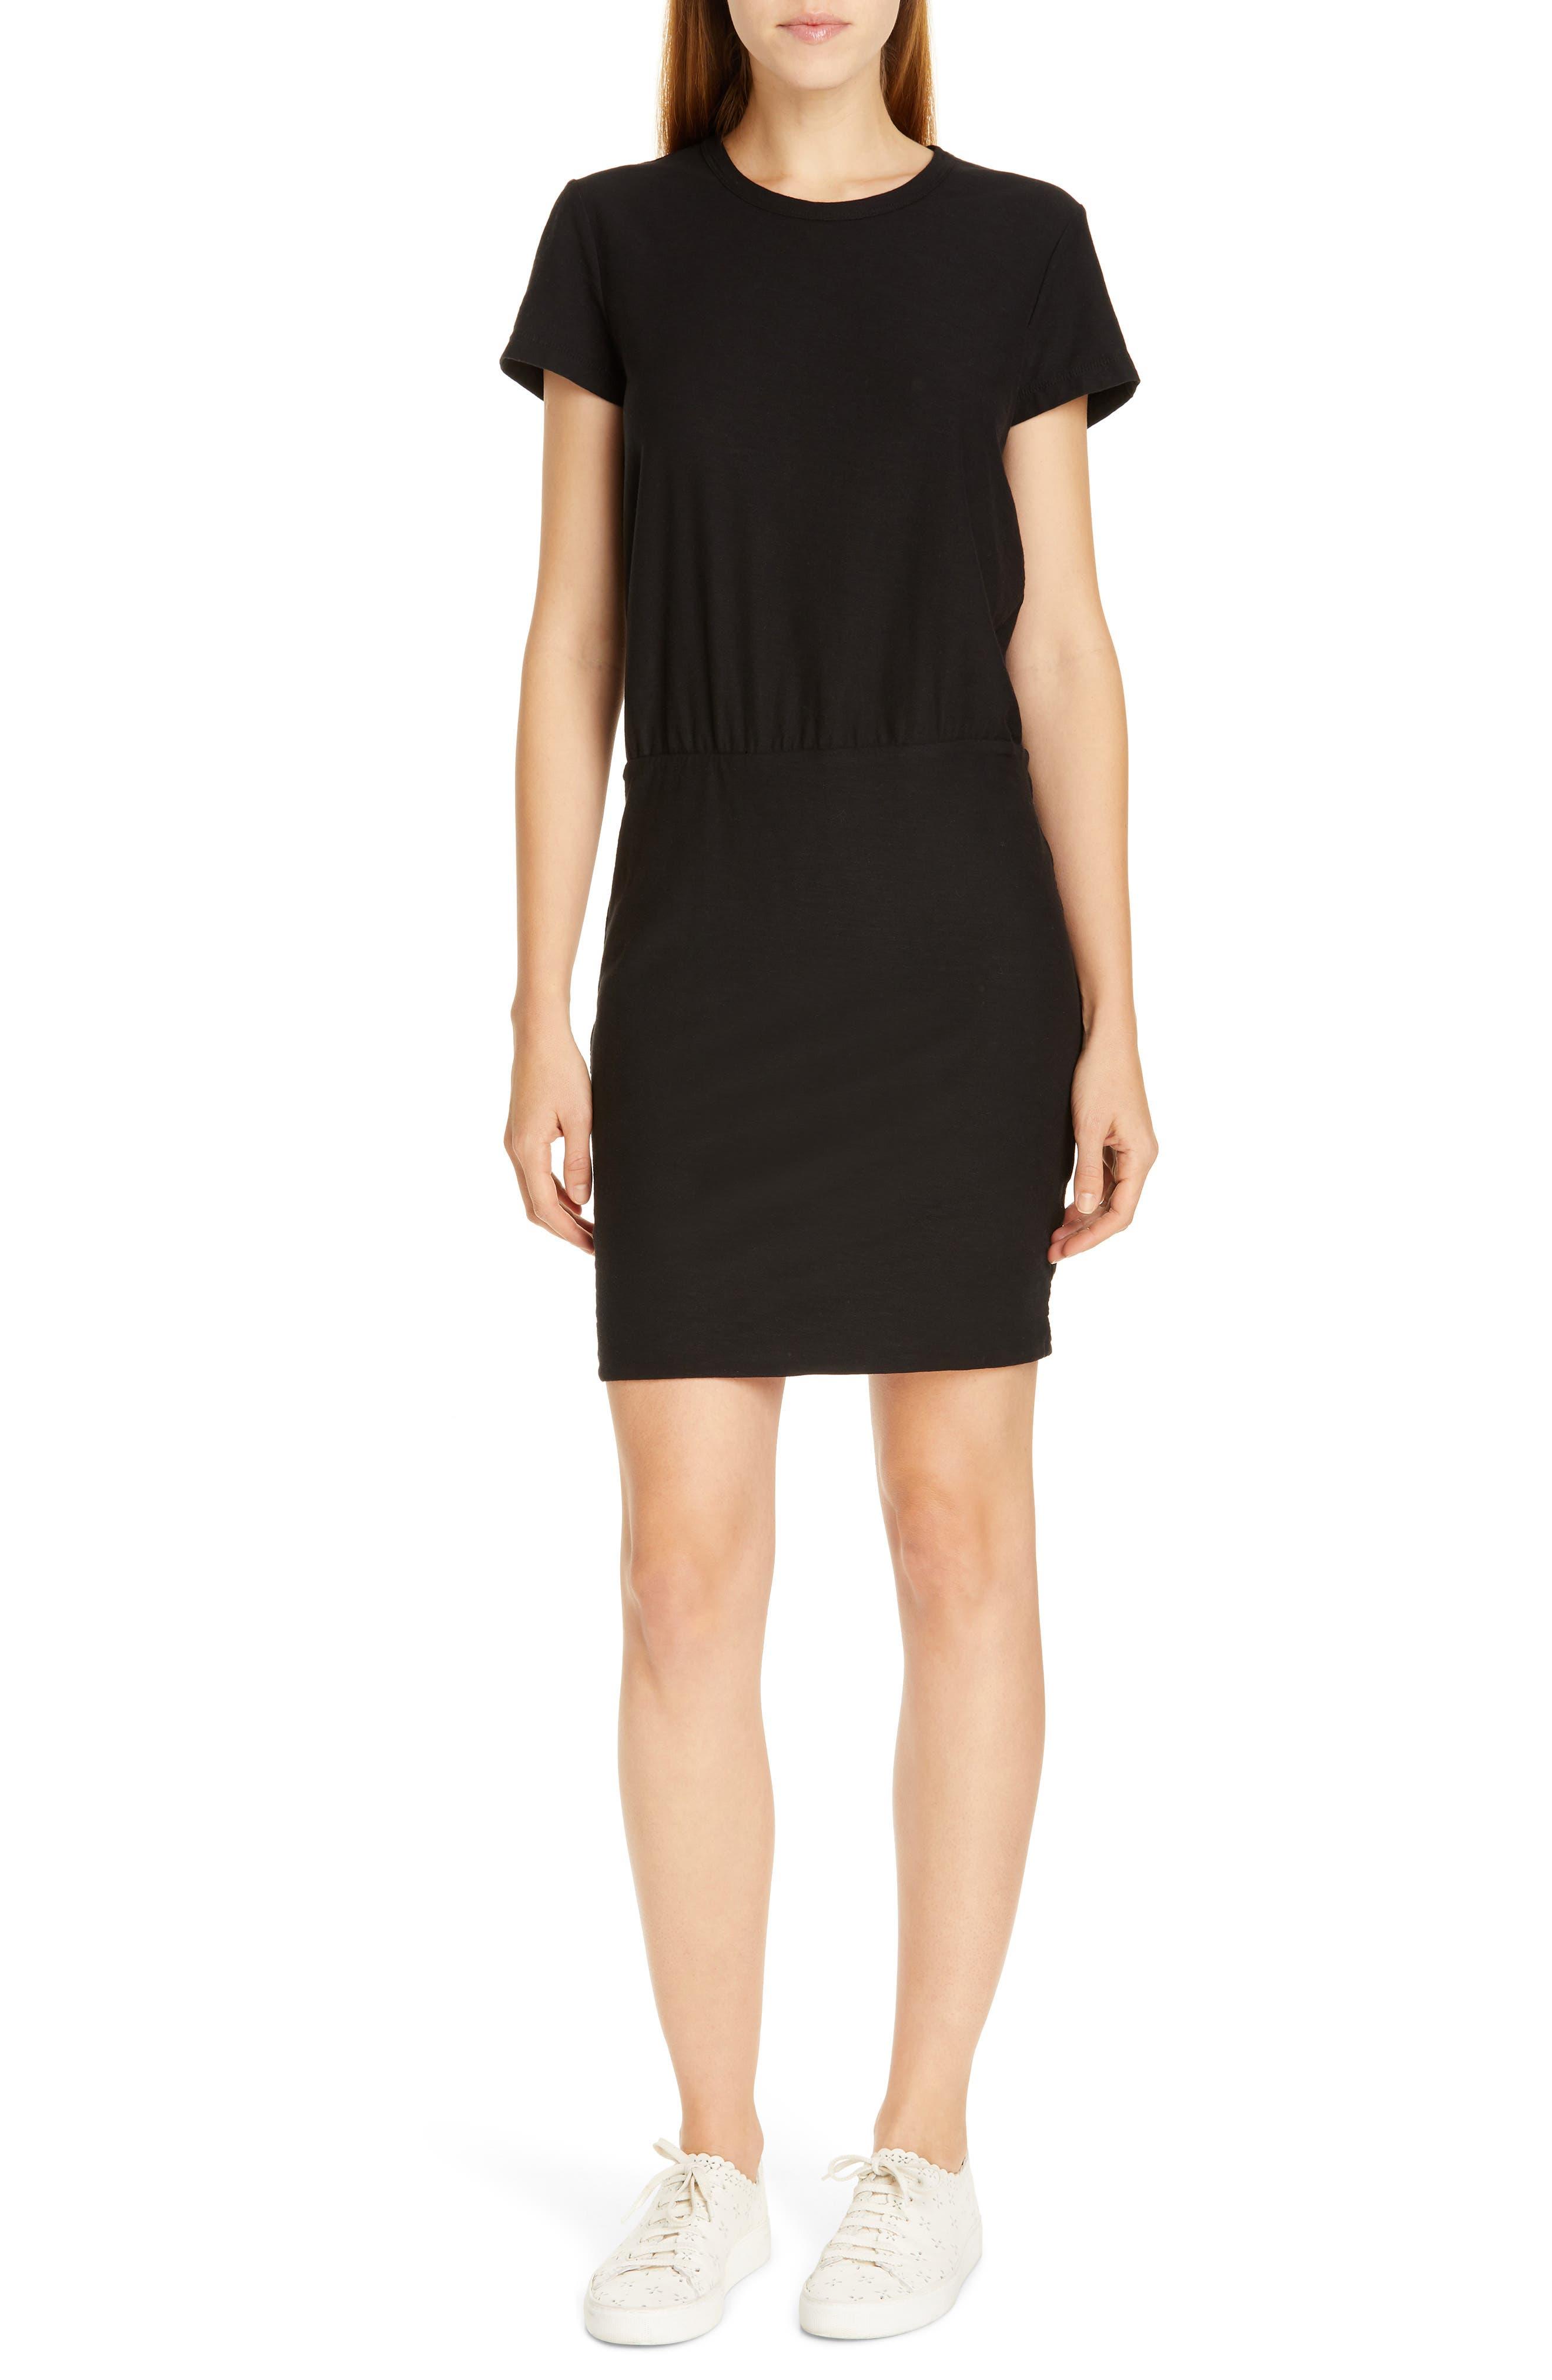 f5bda5778c5 Women s James Perse Dresses